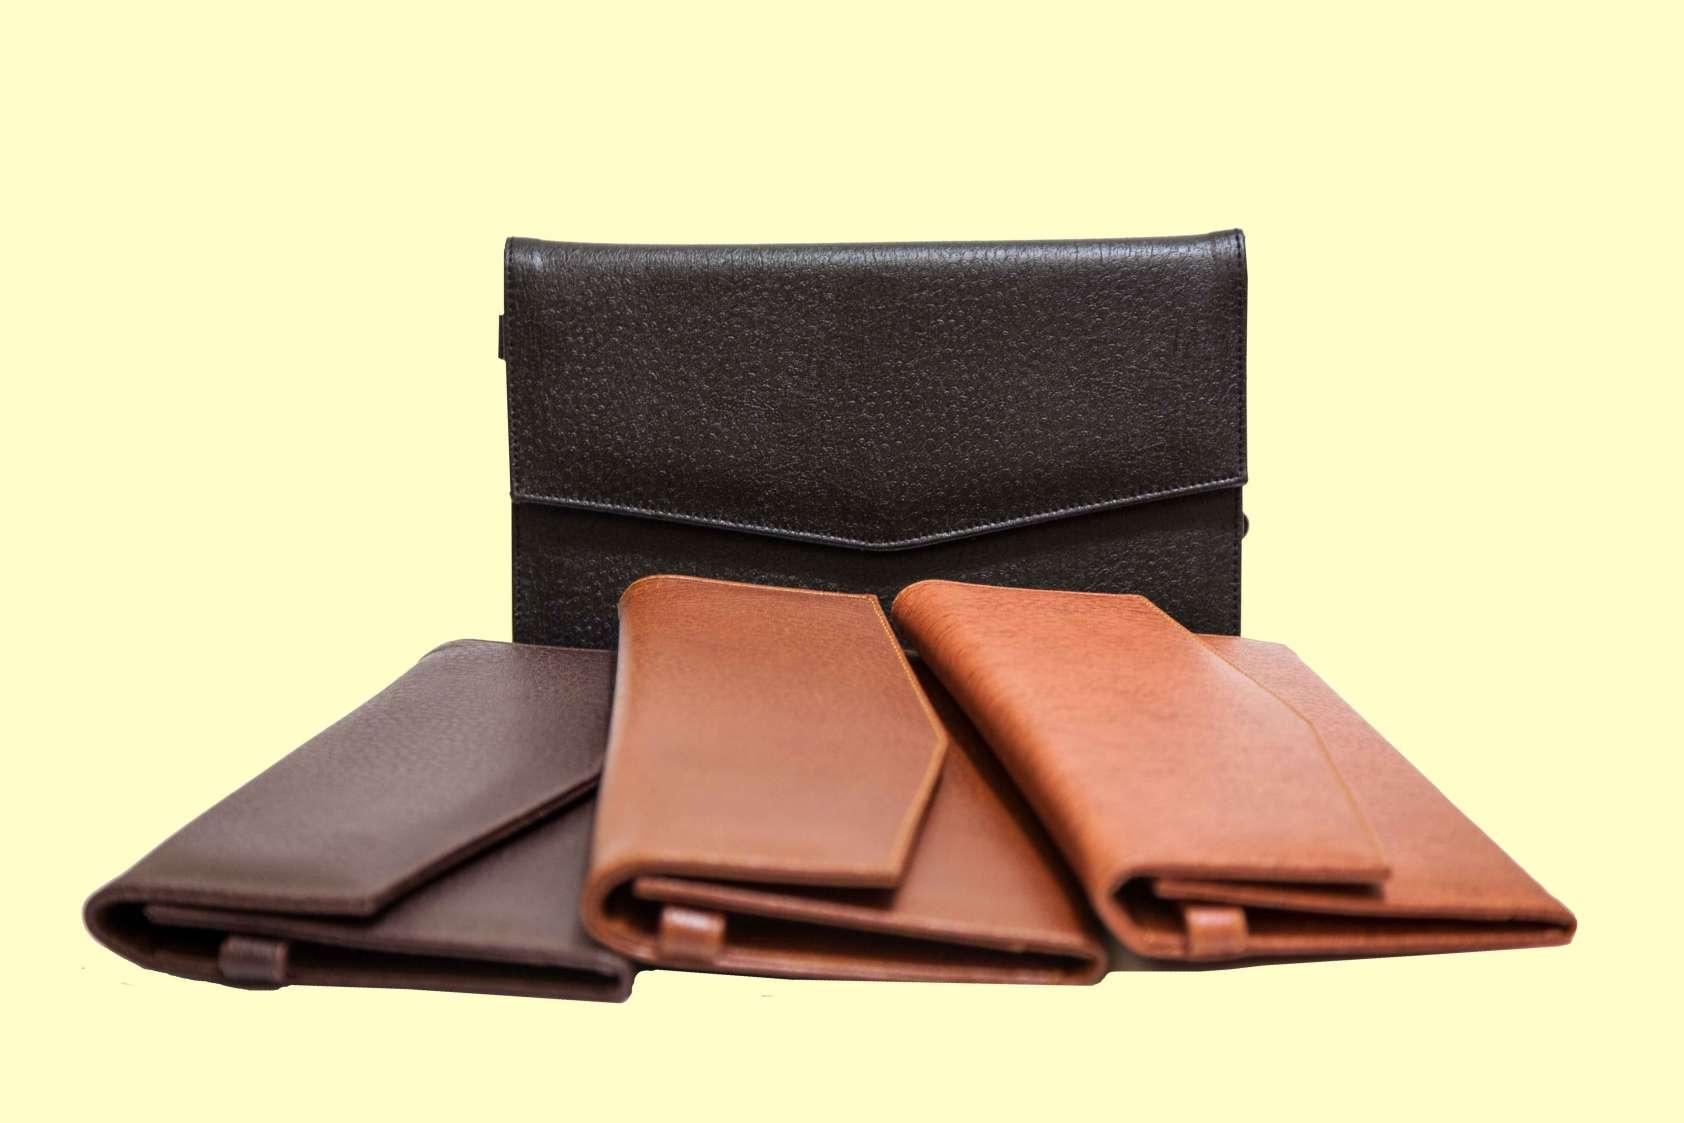 کیف مدارک - هدایای تبلیغاتی